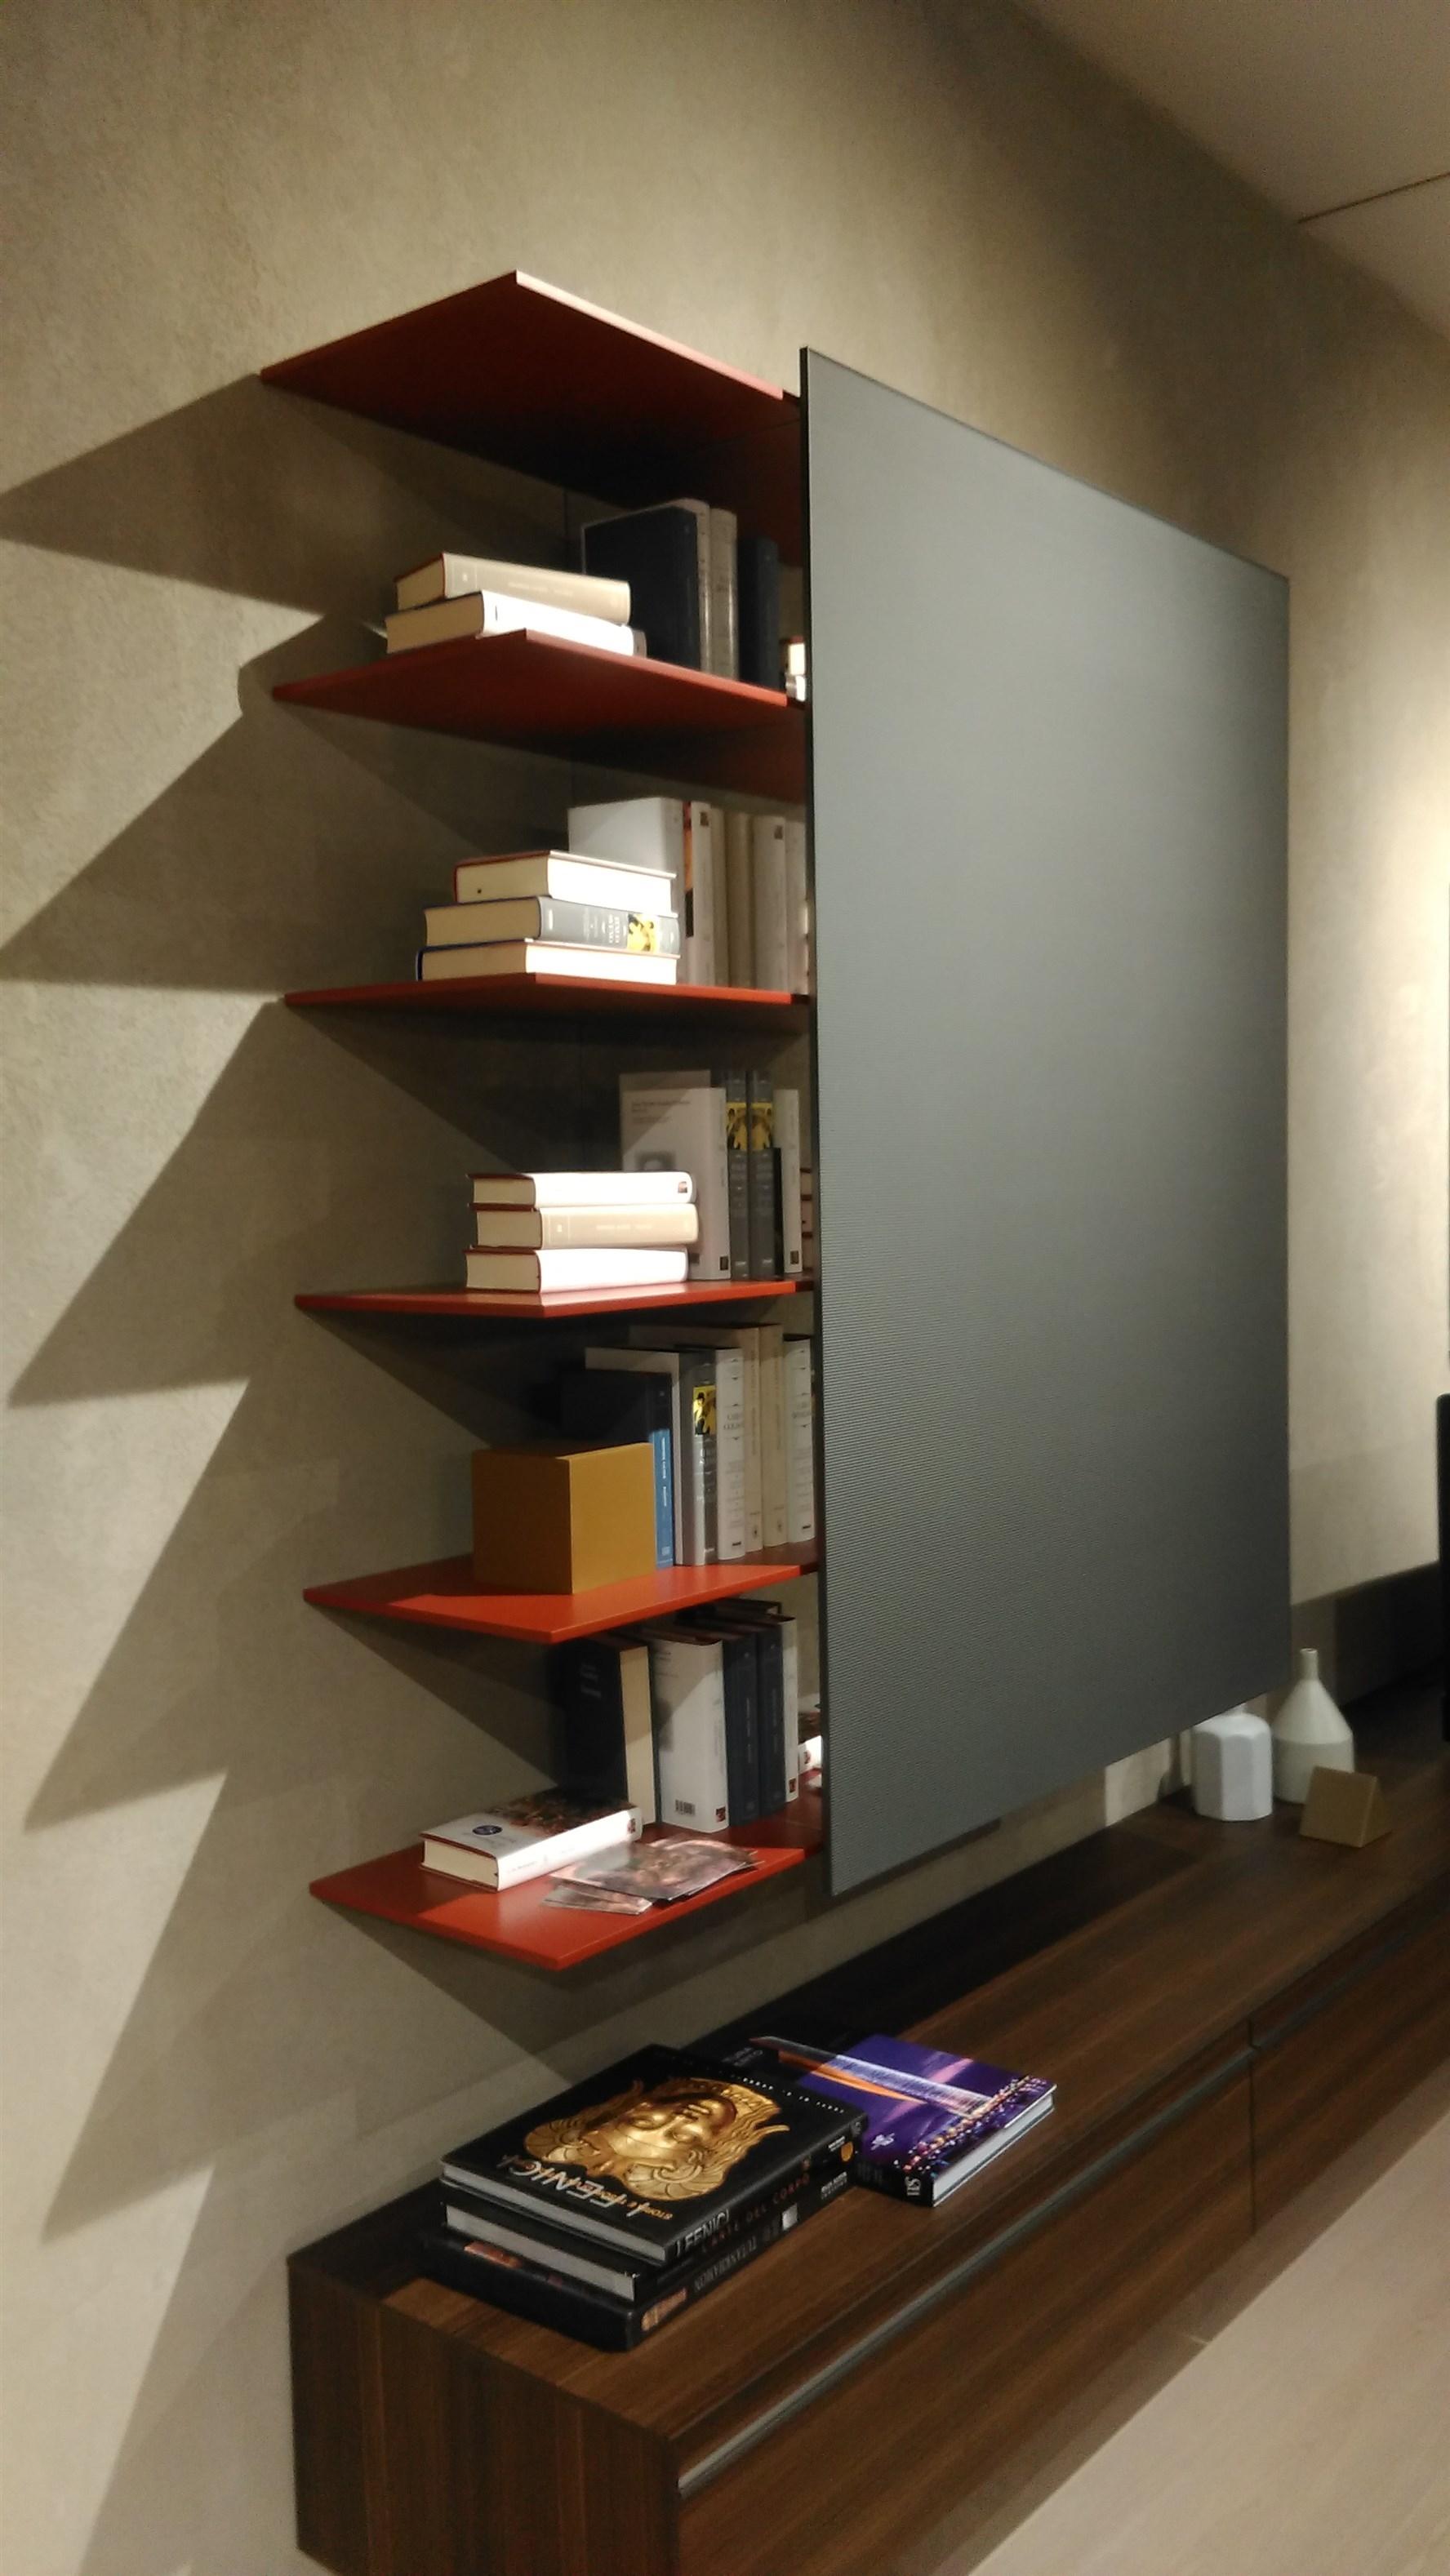 Libreria pensile password con anta scorrevole molteni c in for Libreria molteni